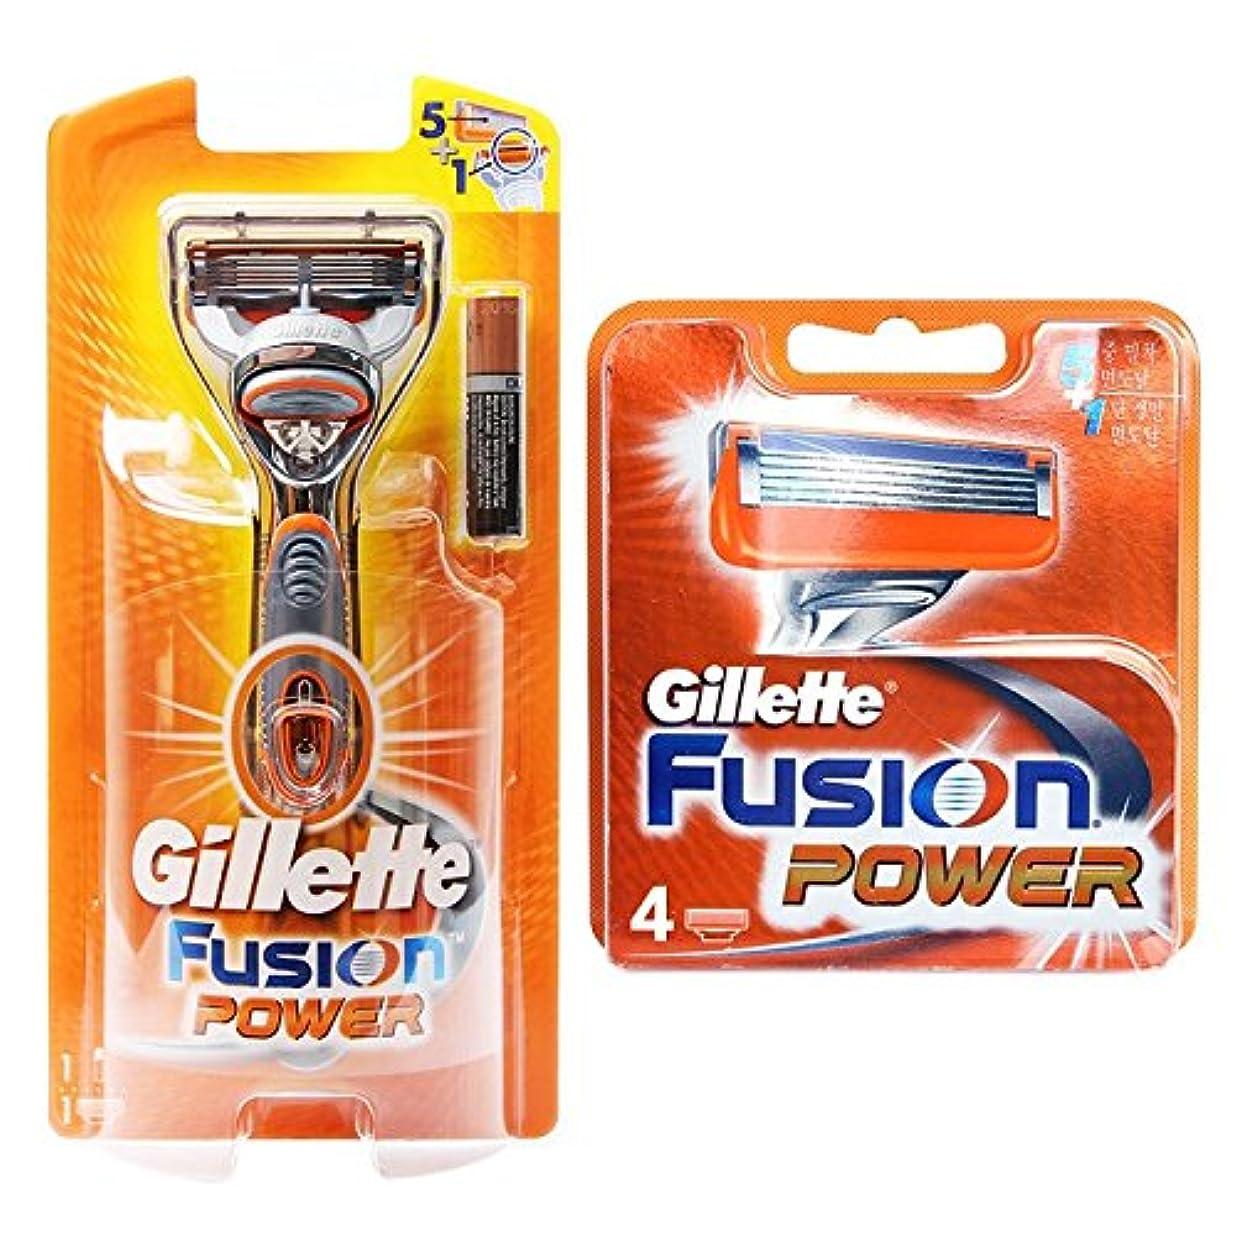 永久にロボット裸Gillette Fusion Power 1レイザー+4カートリッジリフィルブレイド [並行輸入品]